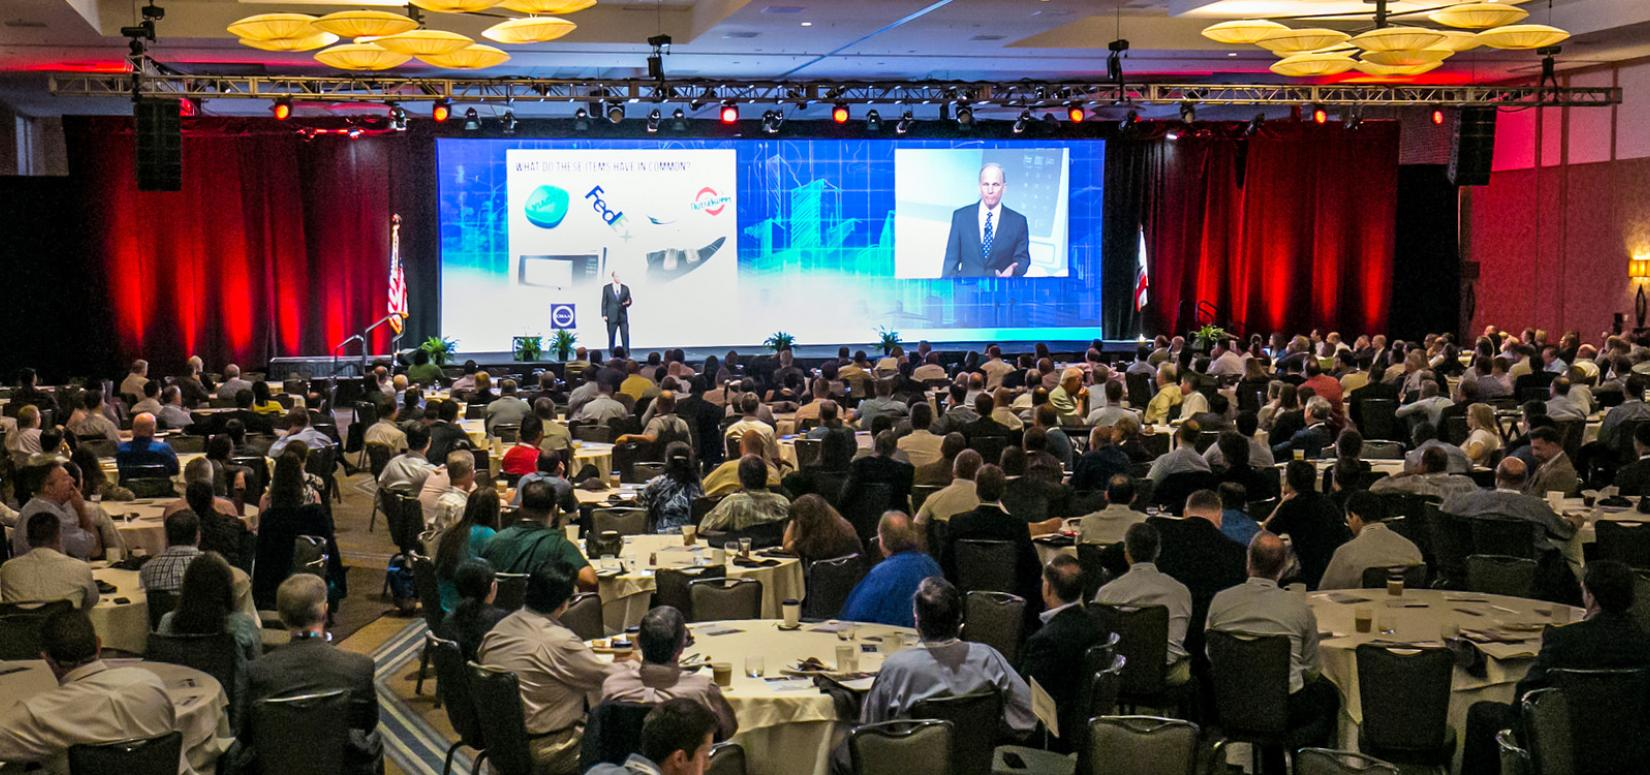 conferences construction management association